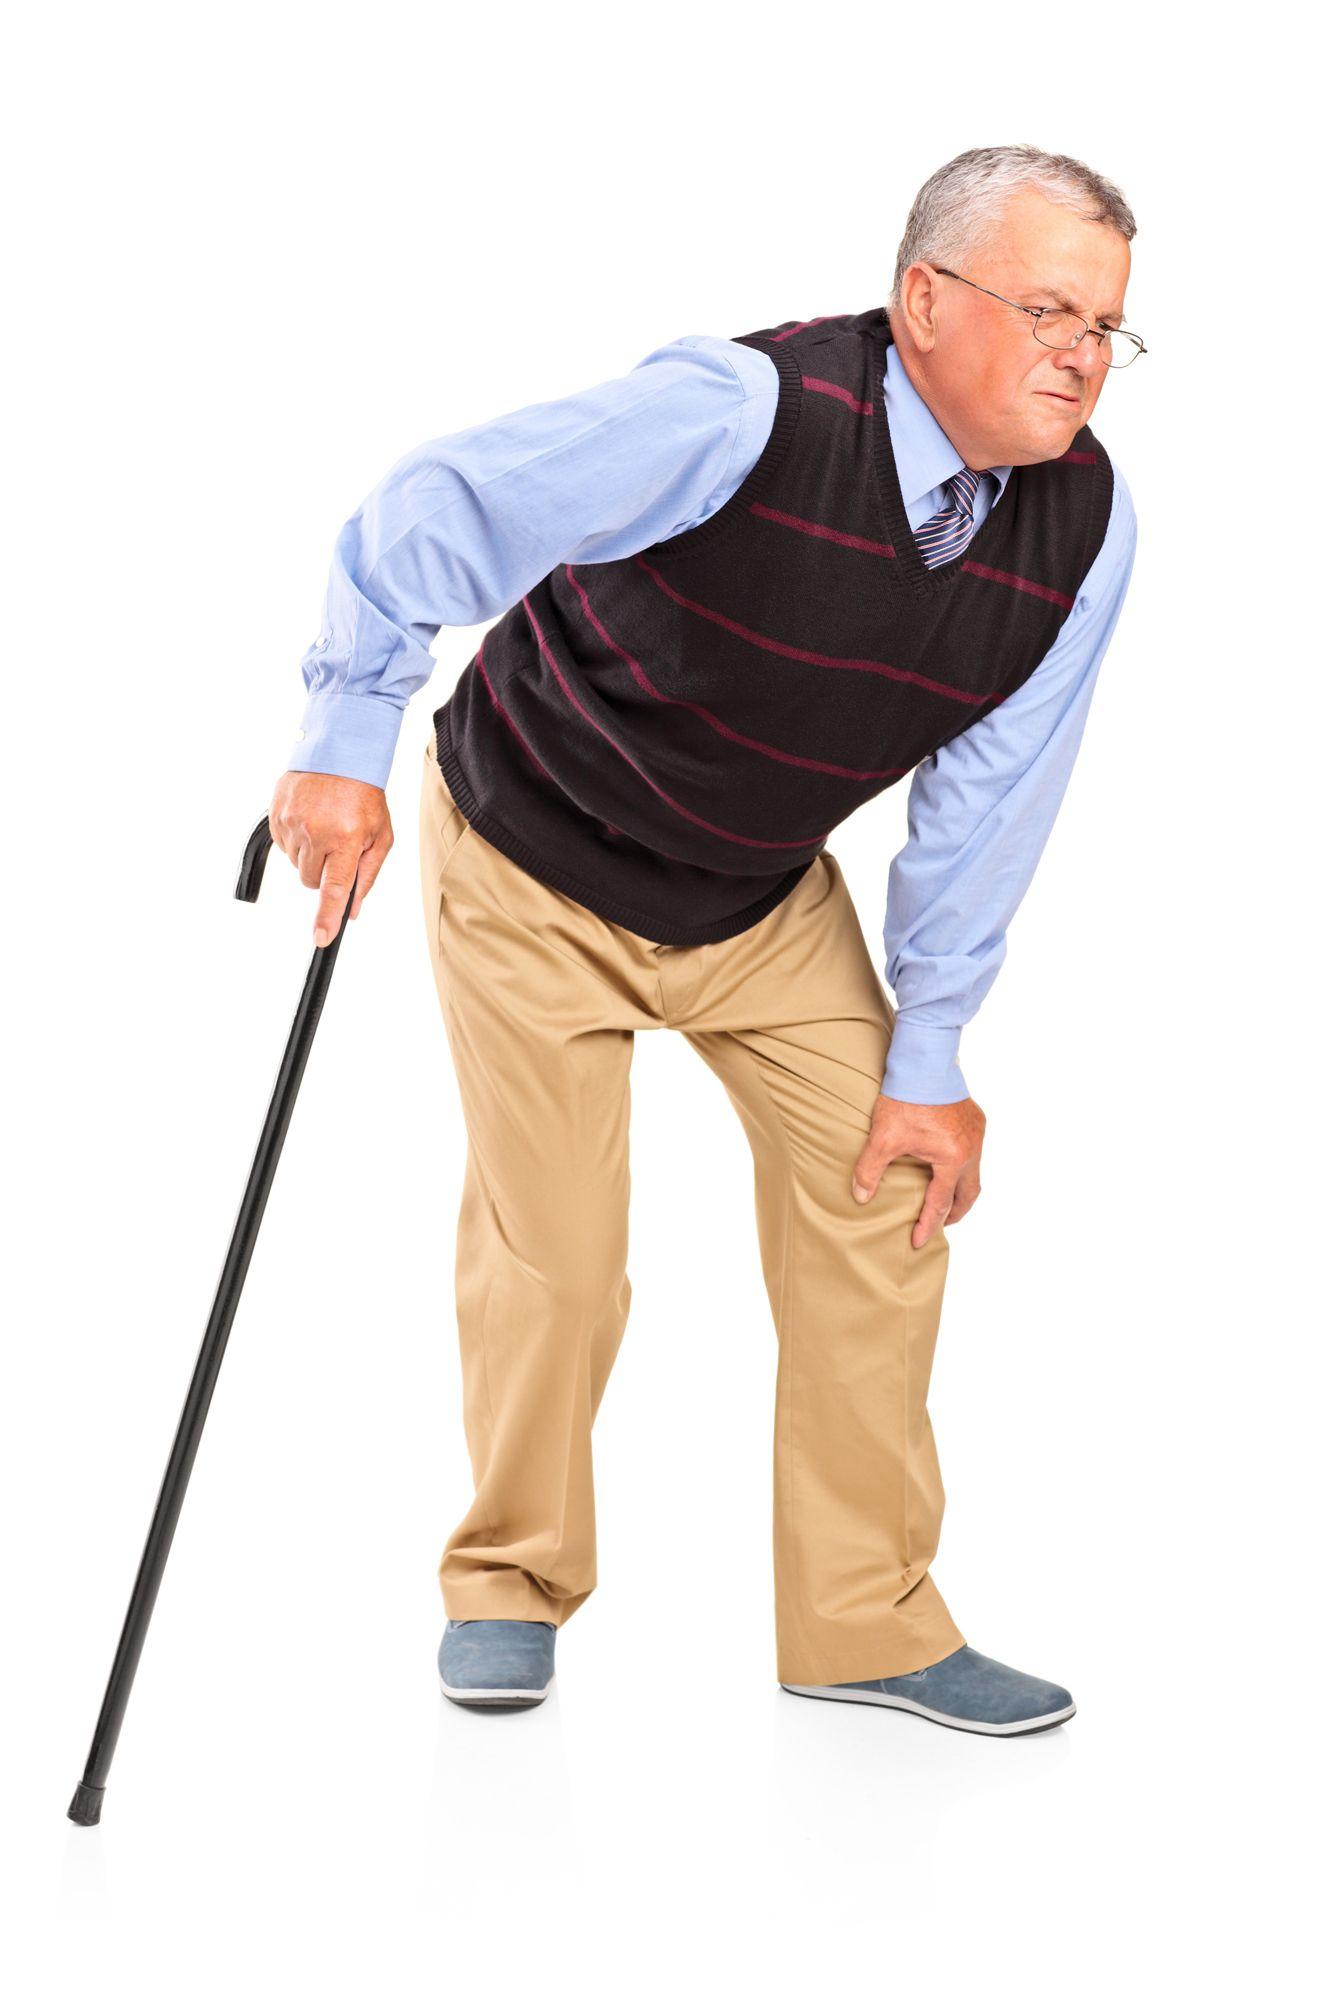 4 случая, когда могут отказать в инвалидности после замены тазобедренного сустава